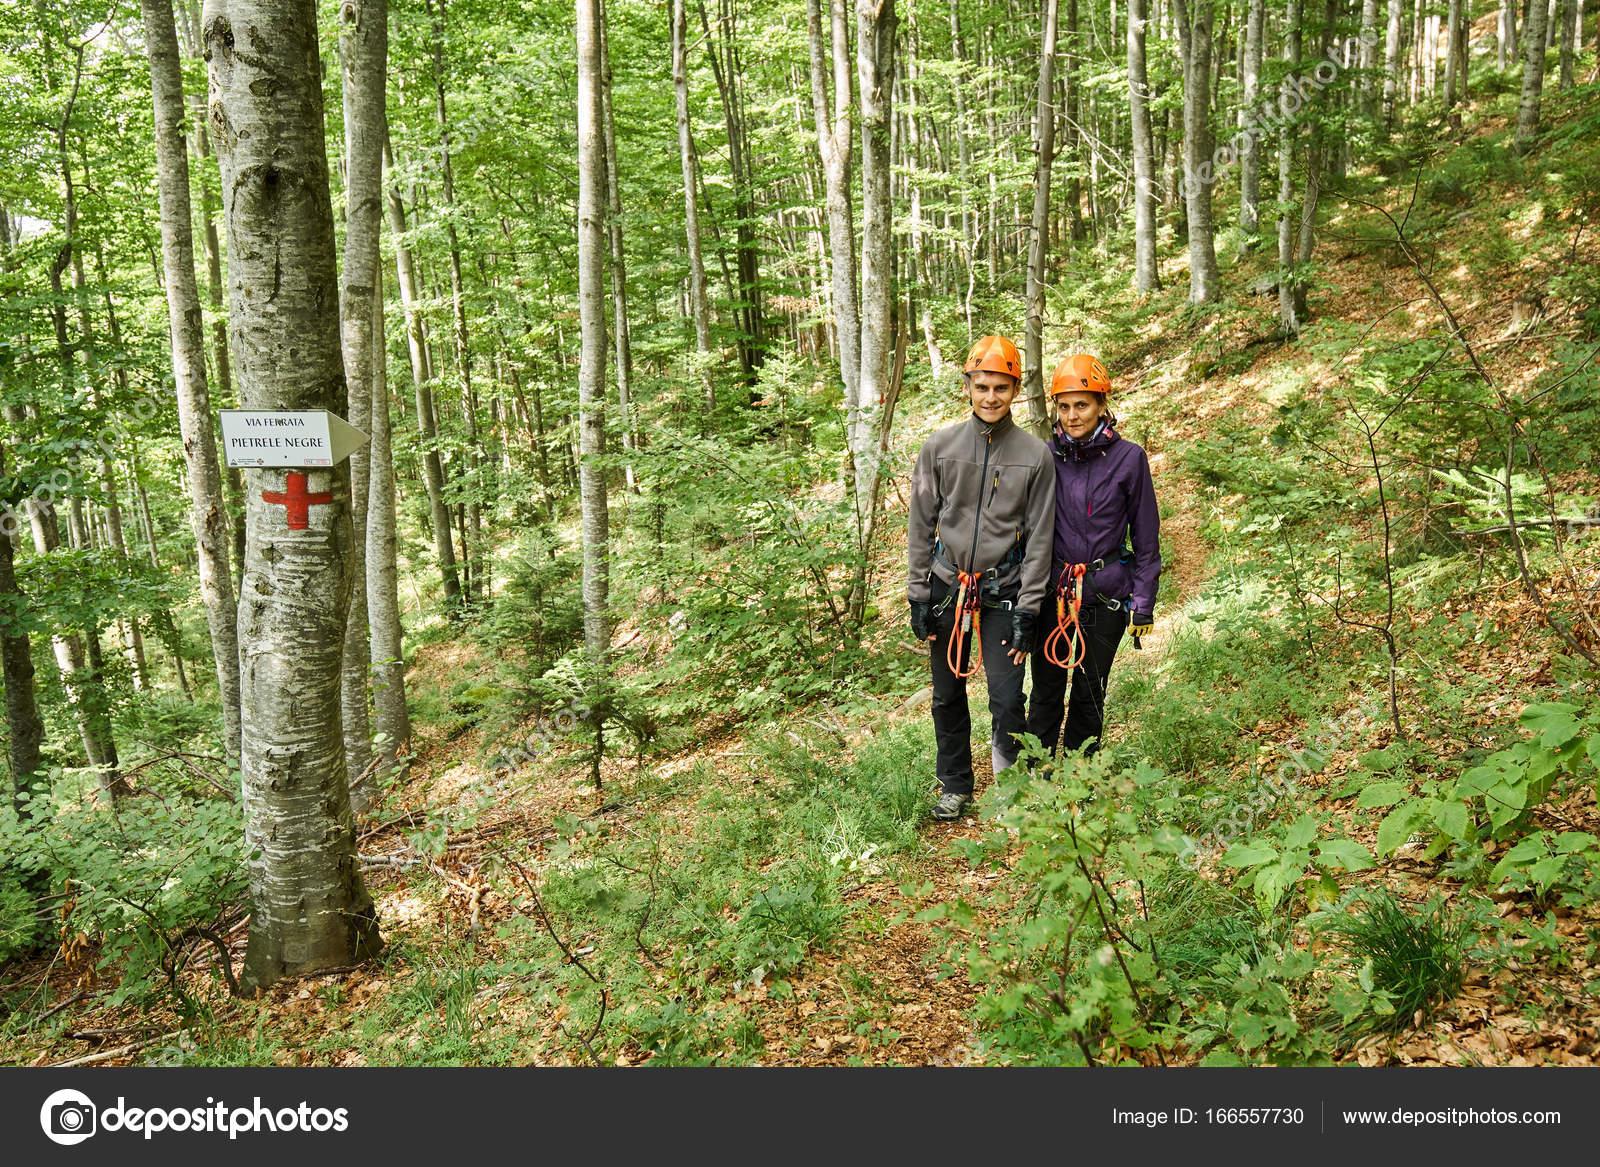 Klettersteig Ausrüstung : Menschen mit über klettersteig ausrüstung u stockfoto xalanx